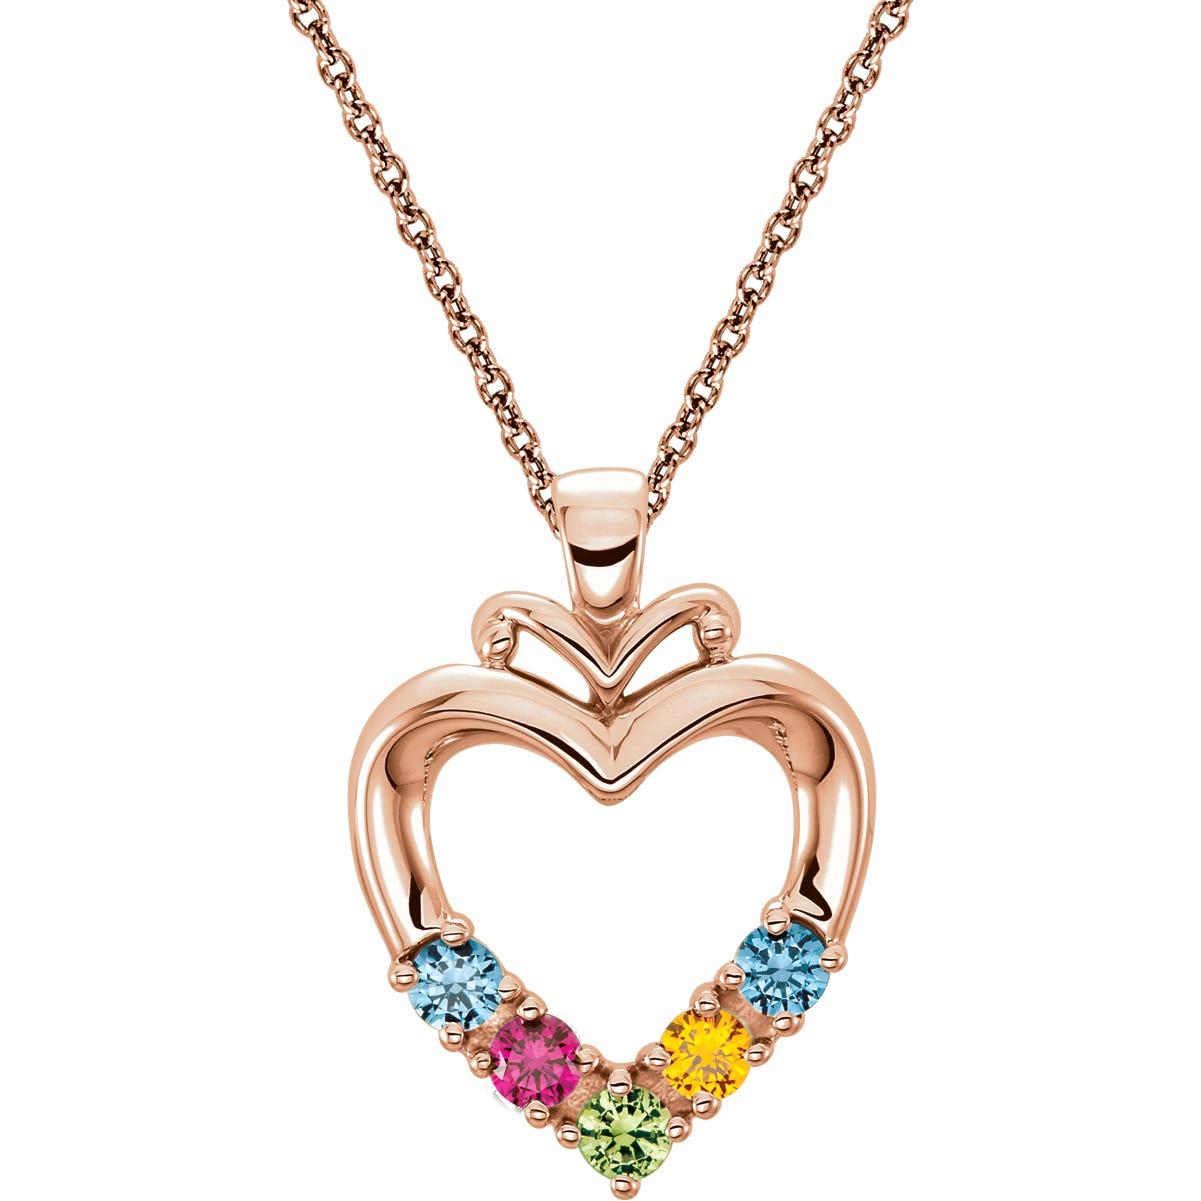 5-Stone Family Heart Pendant in 10k Rose Gold